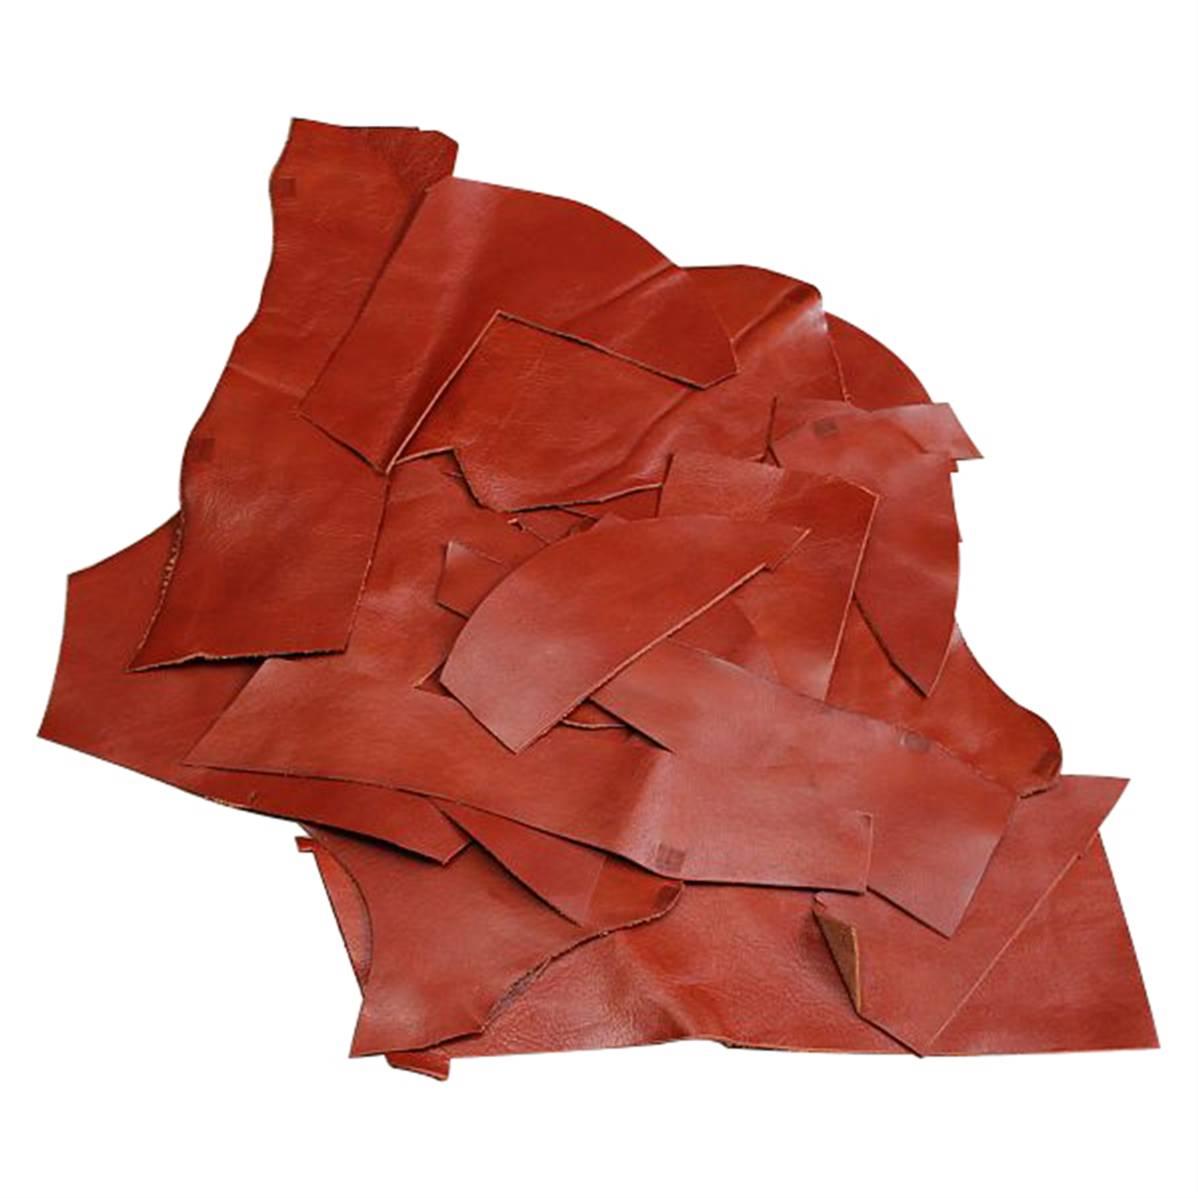 Lot de 1 kg de chutes de cuir LUXE - BRIQUE